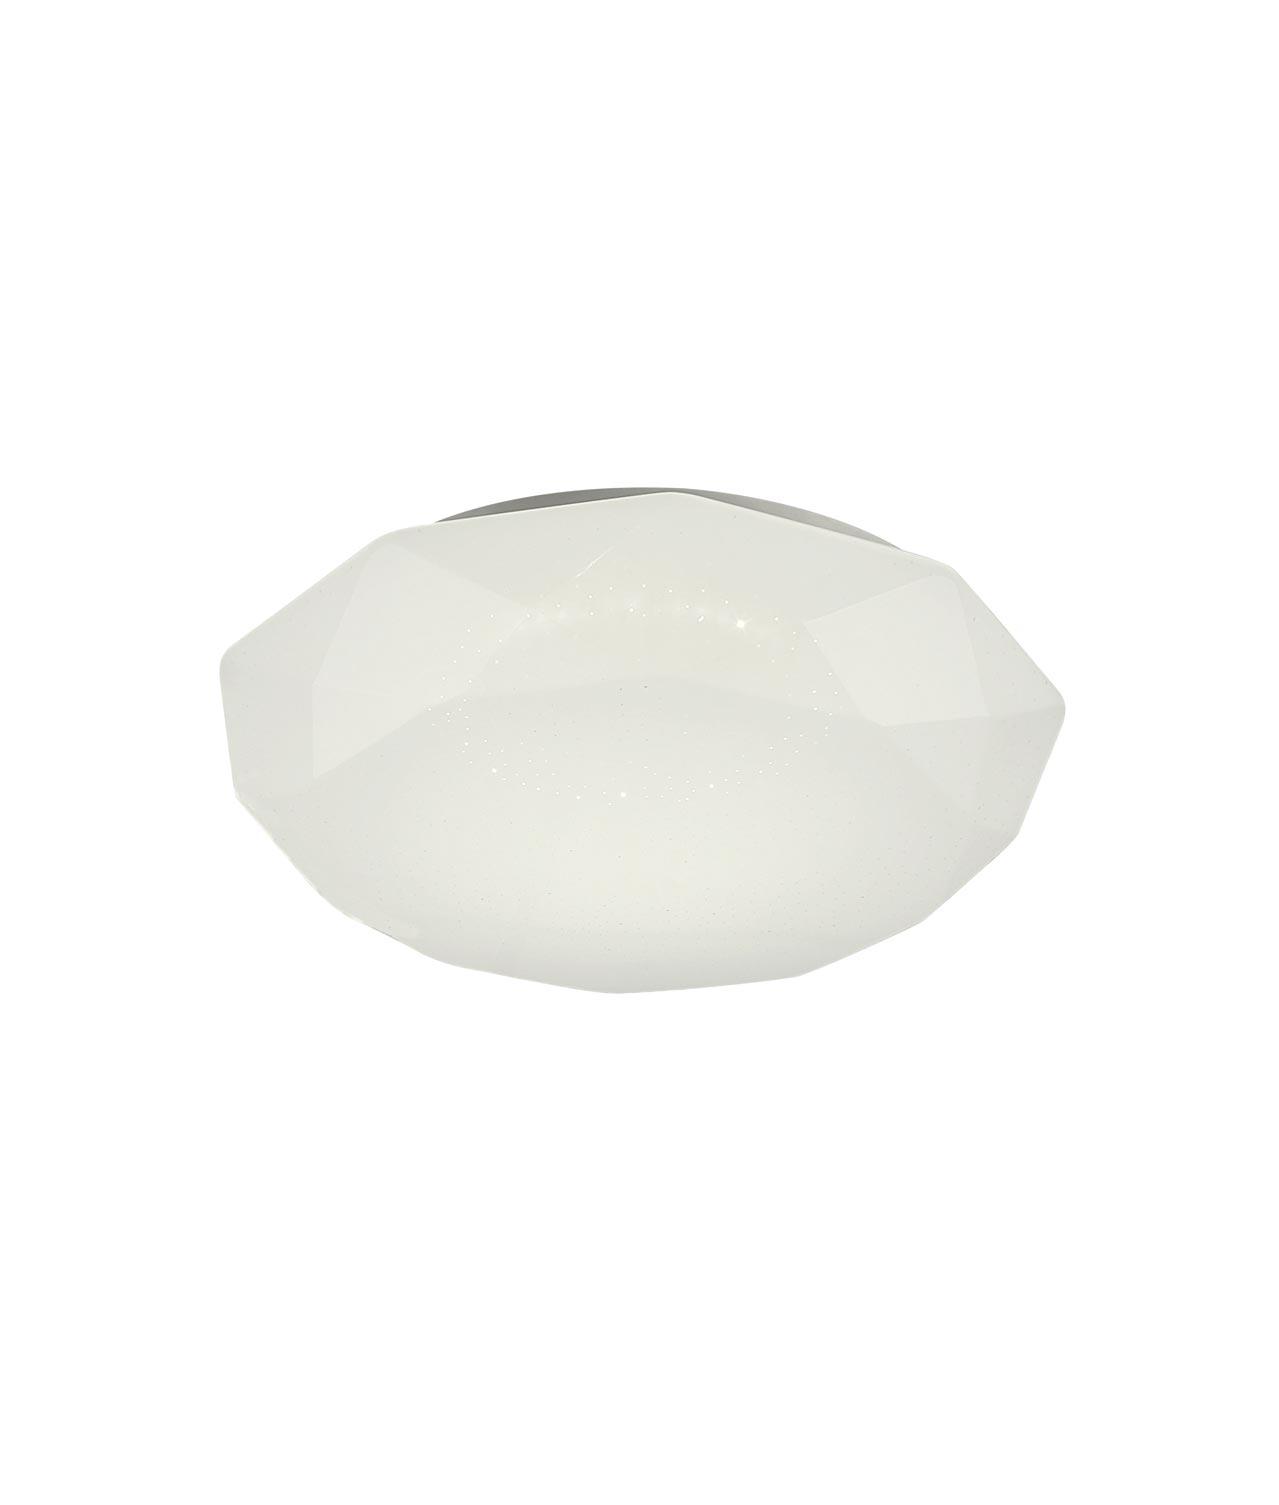 Plafón LED 36W luz cálida DIAMANTE II